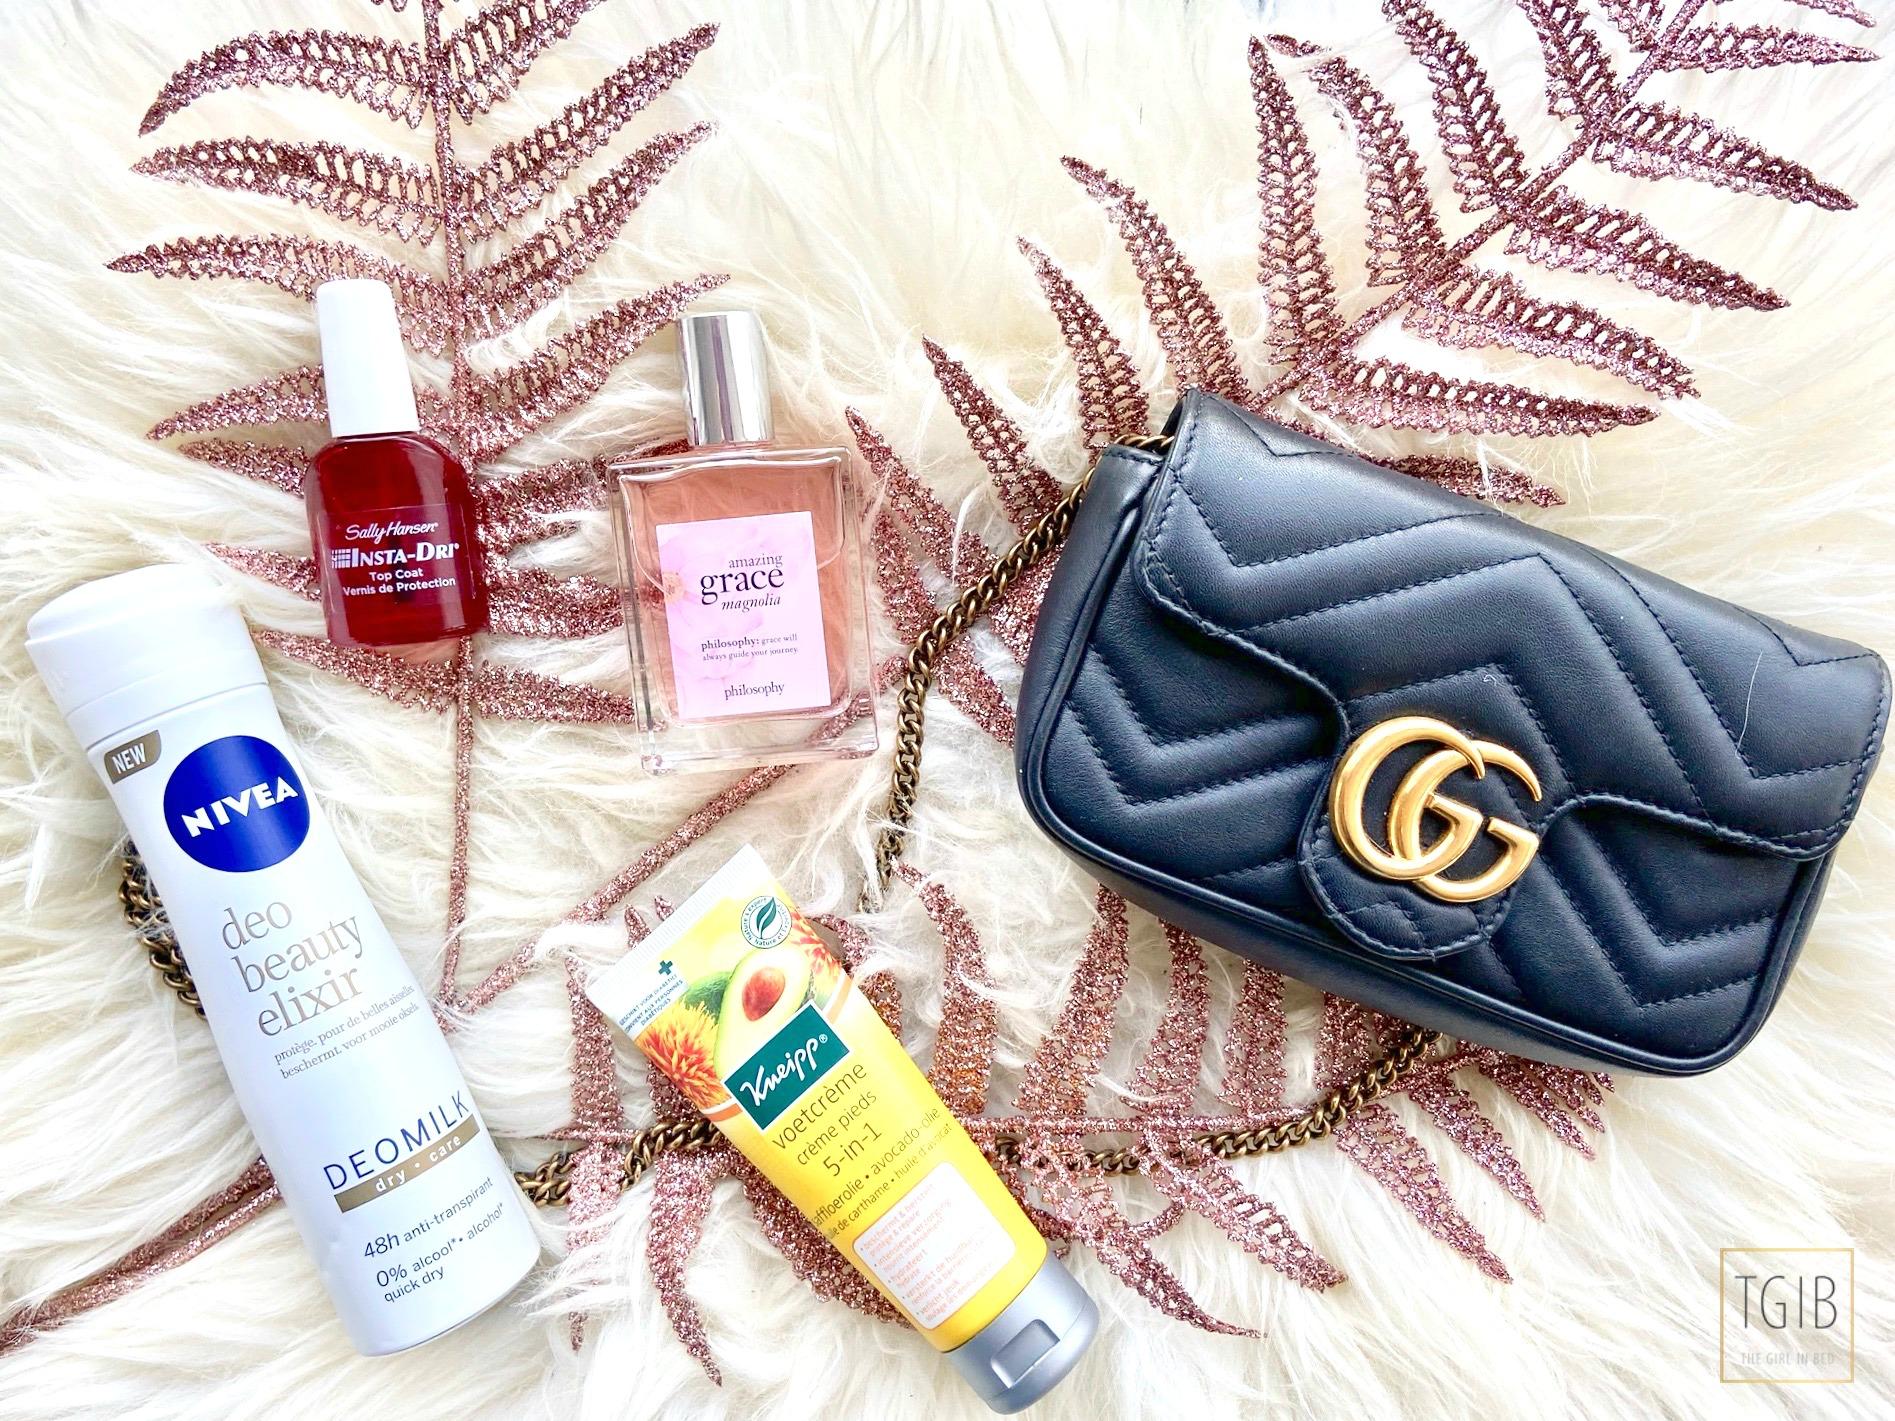 flatlat Gucci Marmont super mini bag